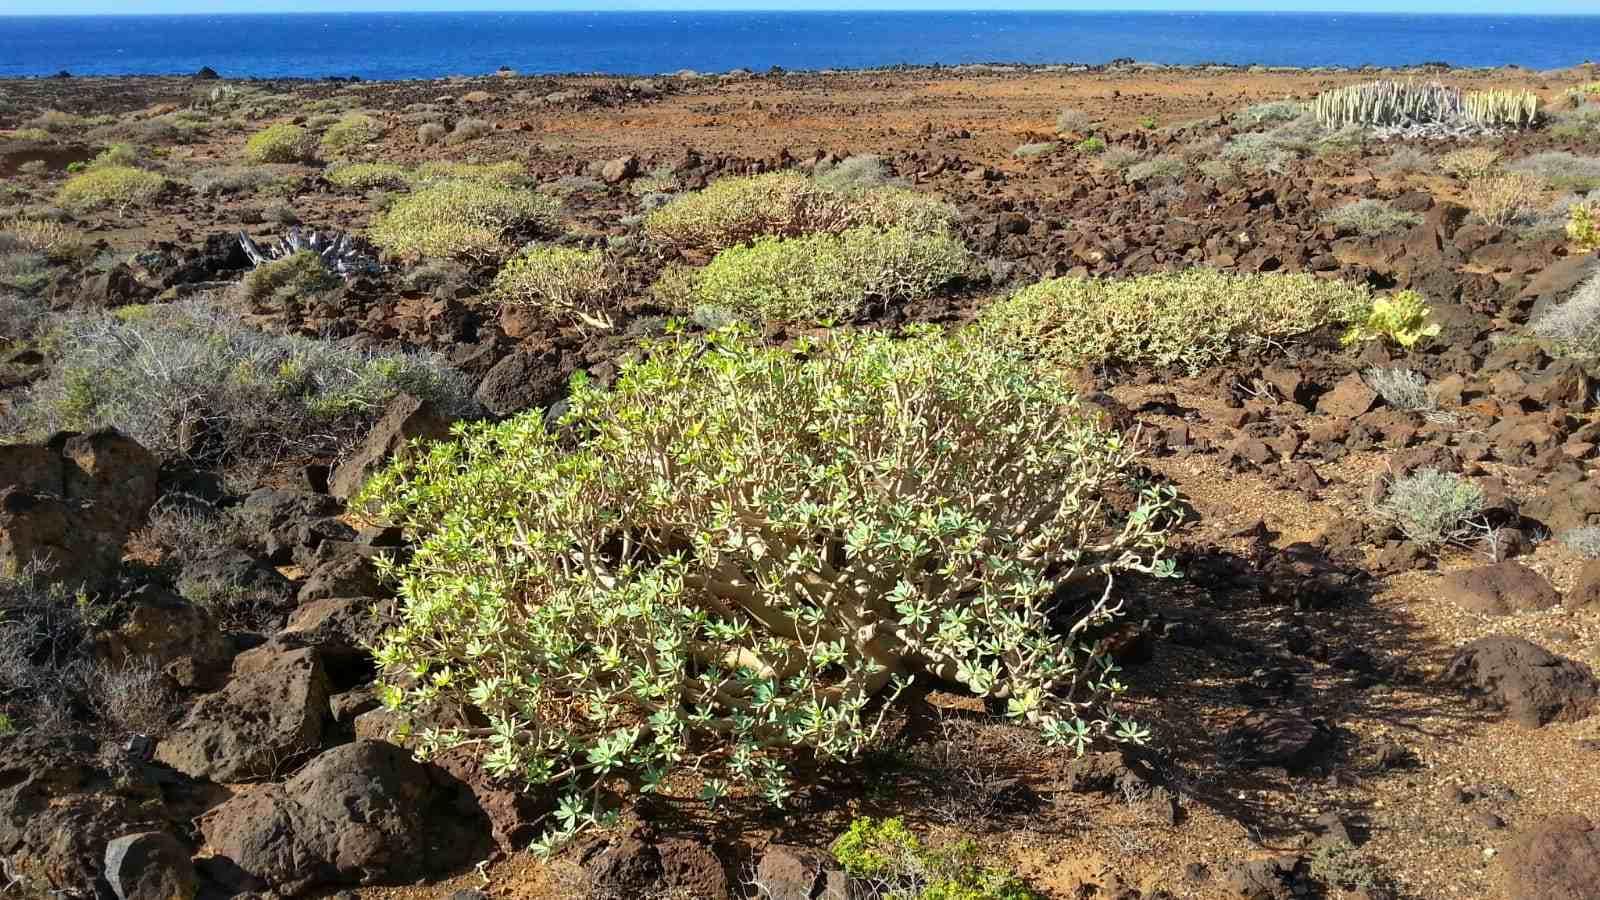 Típica planta que se ve en todo el sendero costero por Buenavista del Norte: la Tabaiba